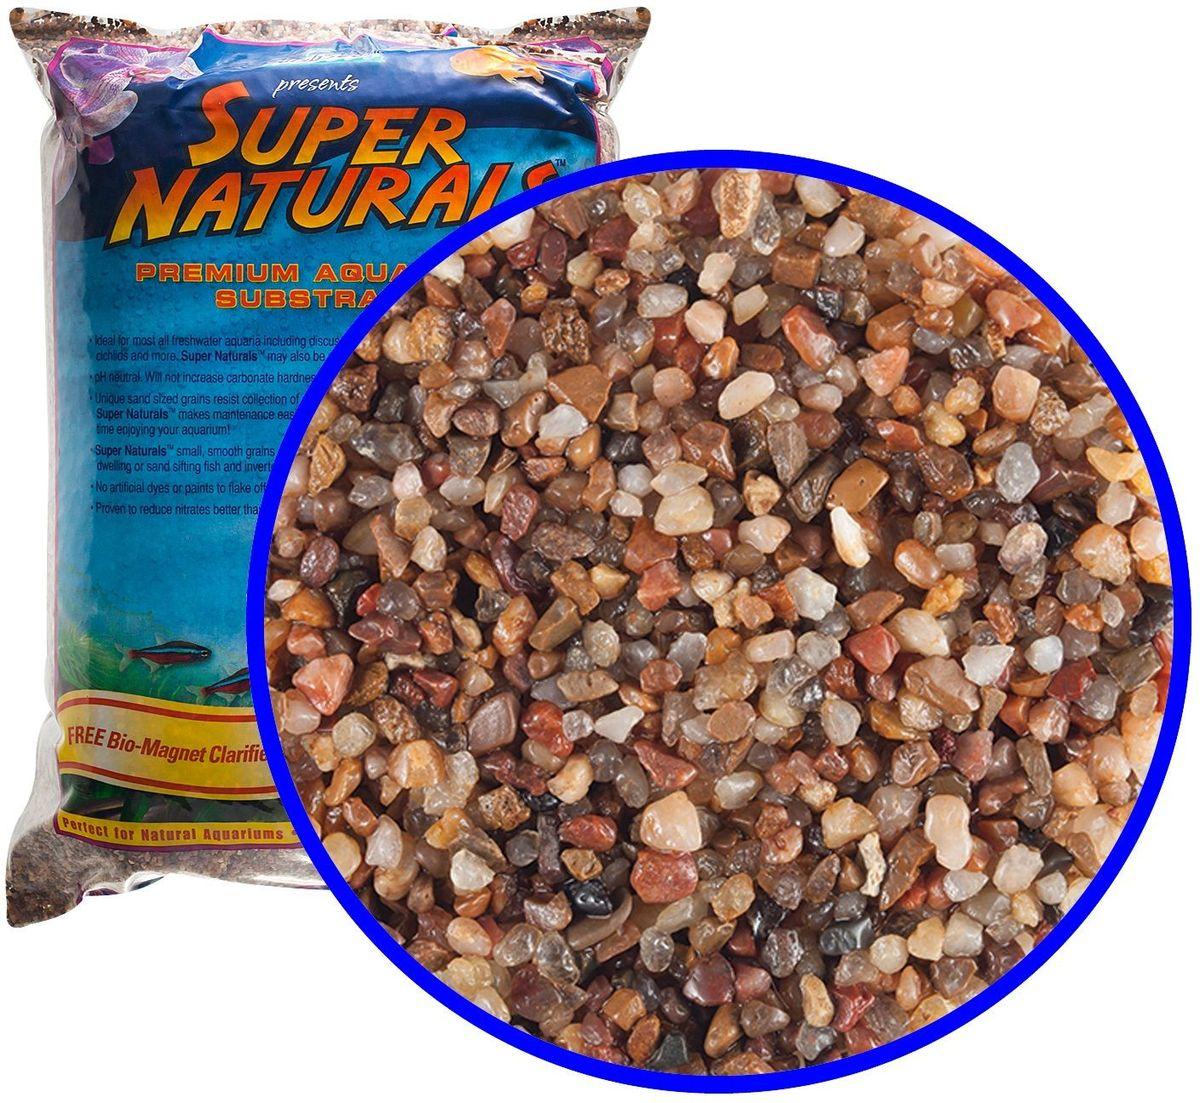 Аквагрунт пресноводный Caribsea Pease River, цвет: мульти, 1-2 мм, 9 кг00832Аквариумный грунт премиум-класса с гладкими гранулами, безопасными для рыб и не препятствующими сбору отходов. Имеет нетральный уровень pH, не увеличивает карбонатную жесткость. Смесь цвета ассорти. Размер 1-2 мм.